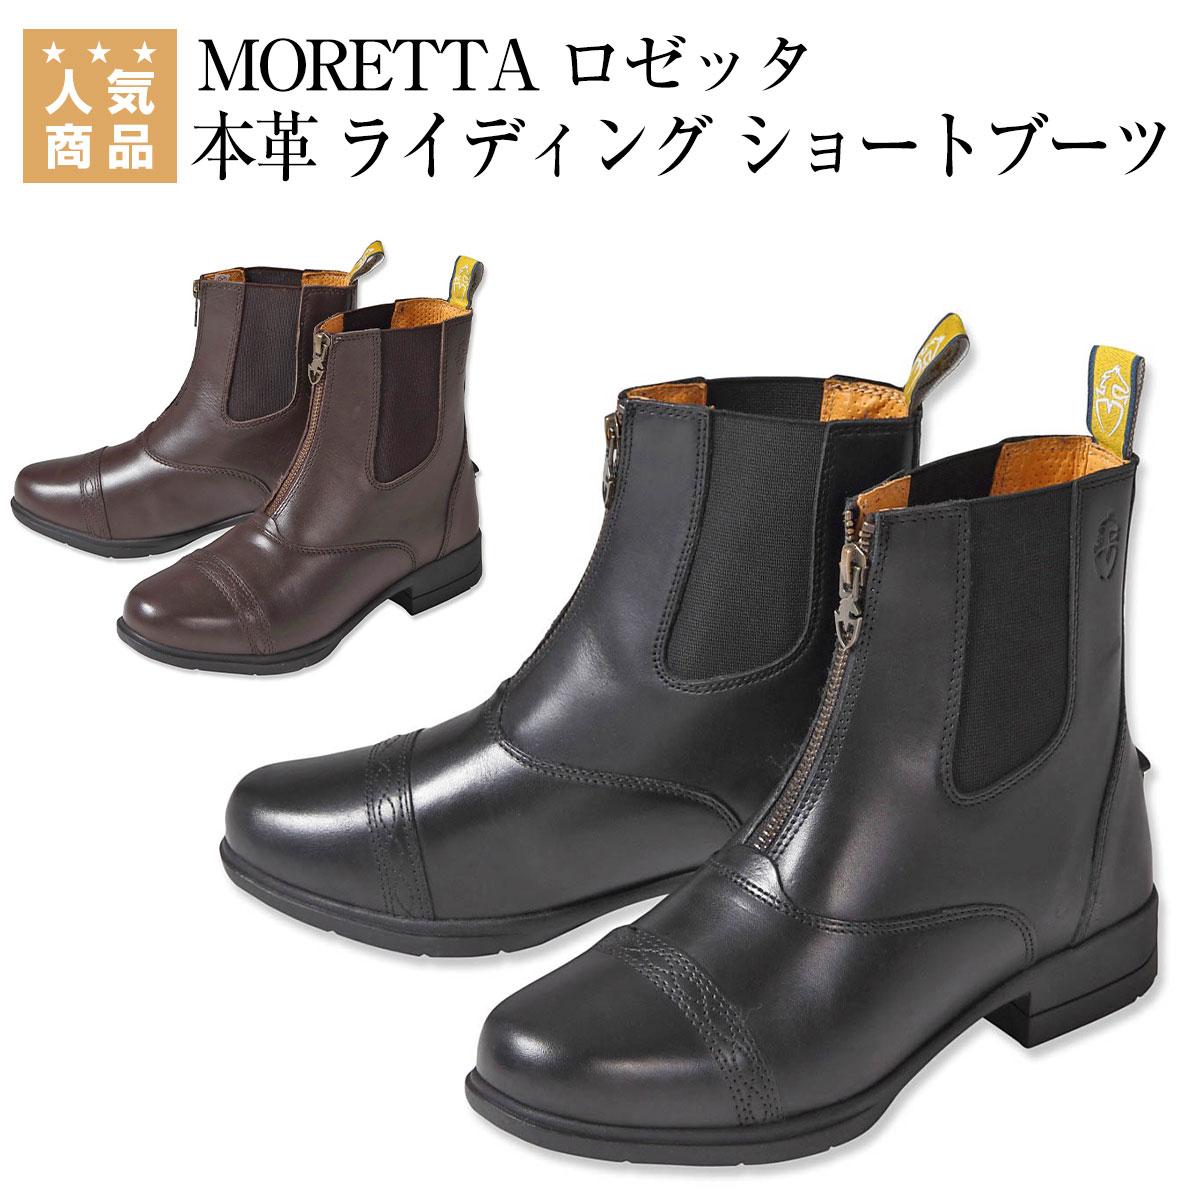 乗馬 ブーツ ショートブーツ 送料無料 MORETTA ロゼッタ 本革 ライディング ショートブーツ 乗馬用品 馬具